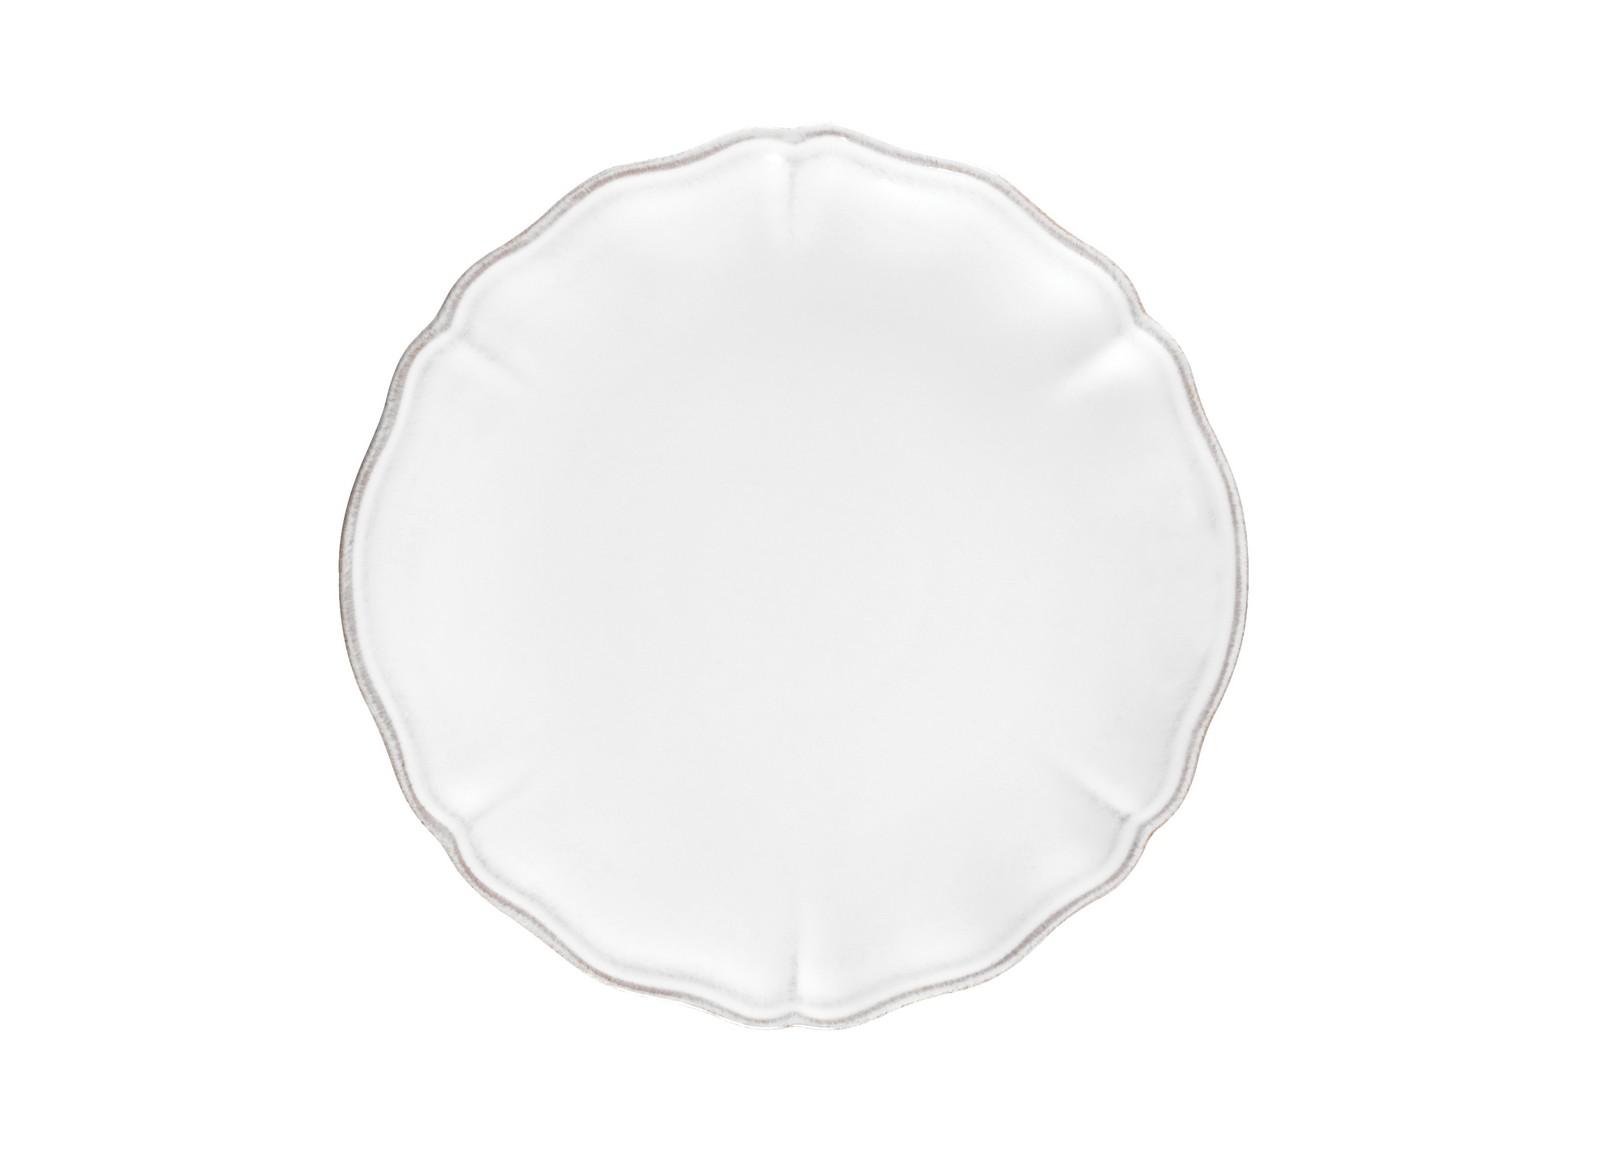 ТарелкаТарелки<br>Керамическая посуда Costa Nova абсолютно устойчива к мытью, даже в посудомоечной машине, ее вполне можно использовать для замораживания продуктов и в микроволновой печи, при этом можно не бояться повредить эту великолепную глазурь и свежие краски. Такую посуду легко мыть, при ее очистке можно использовать металлические губки – и все это благодаря прочному глазурованному покрытию.<br><br>Material: Керамика<br>Diameter см: 21